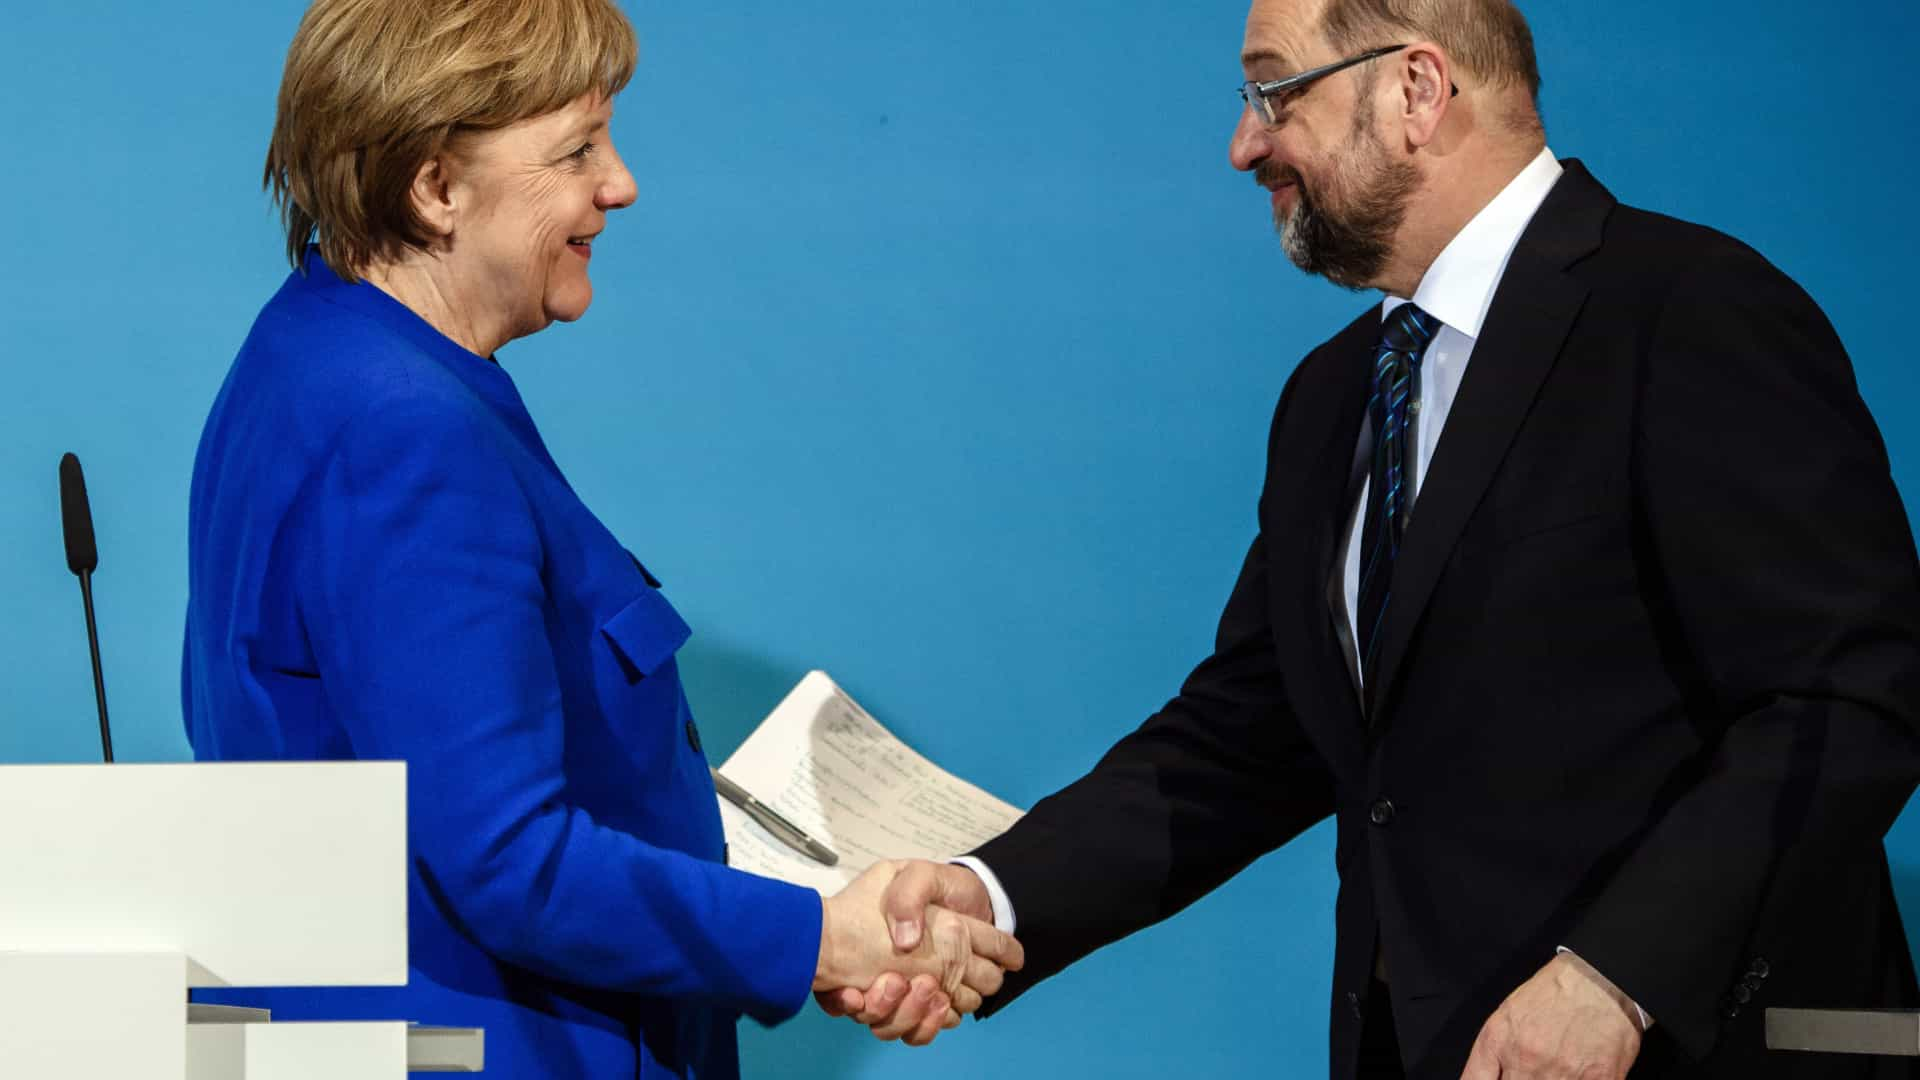 Partidos alemães iniciam negociações formais sobre governo de coalizão